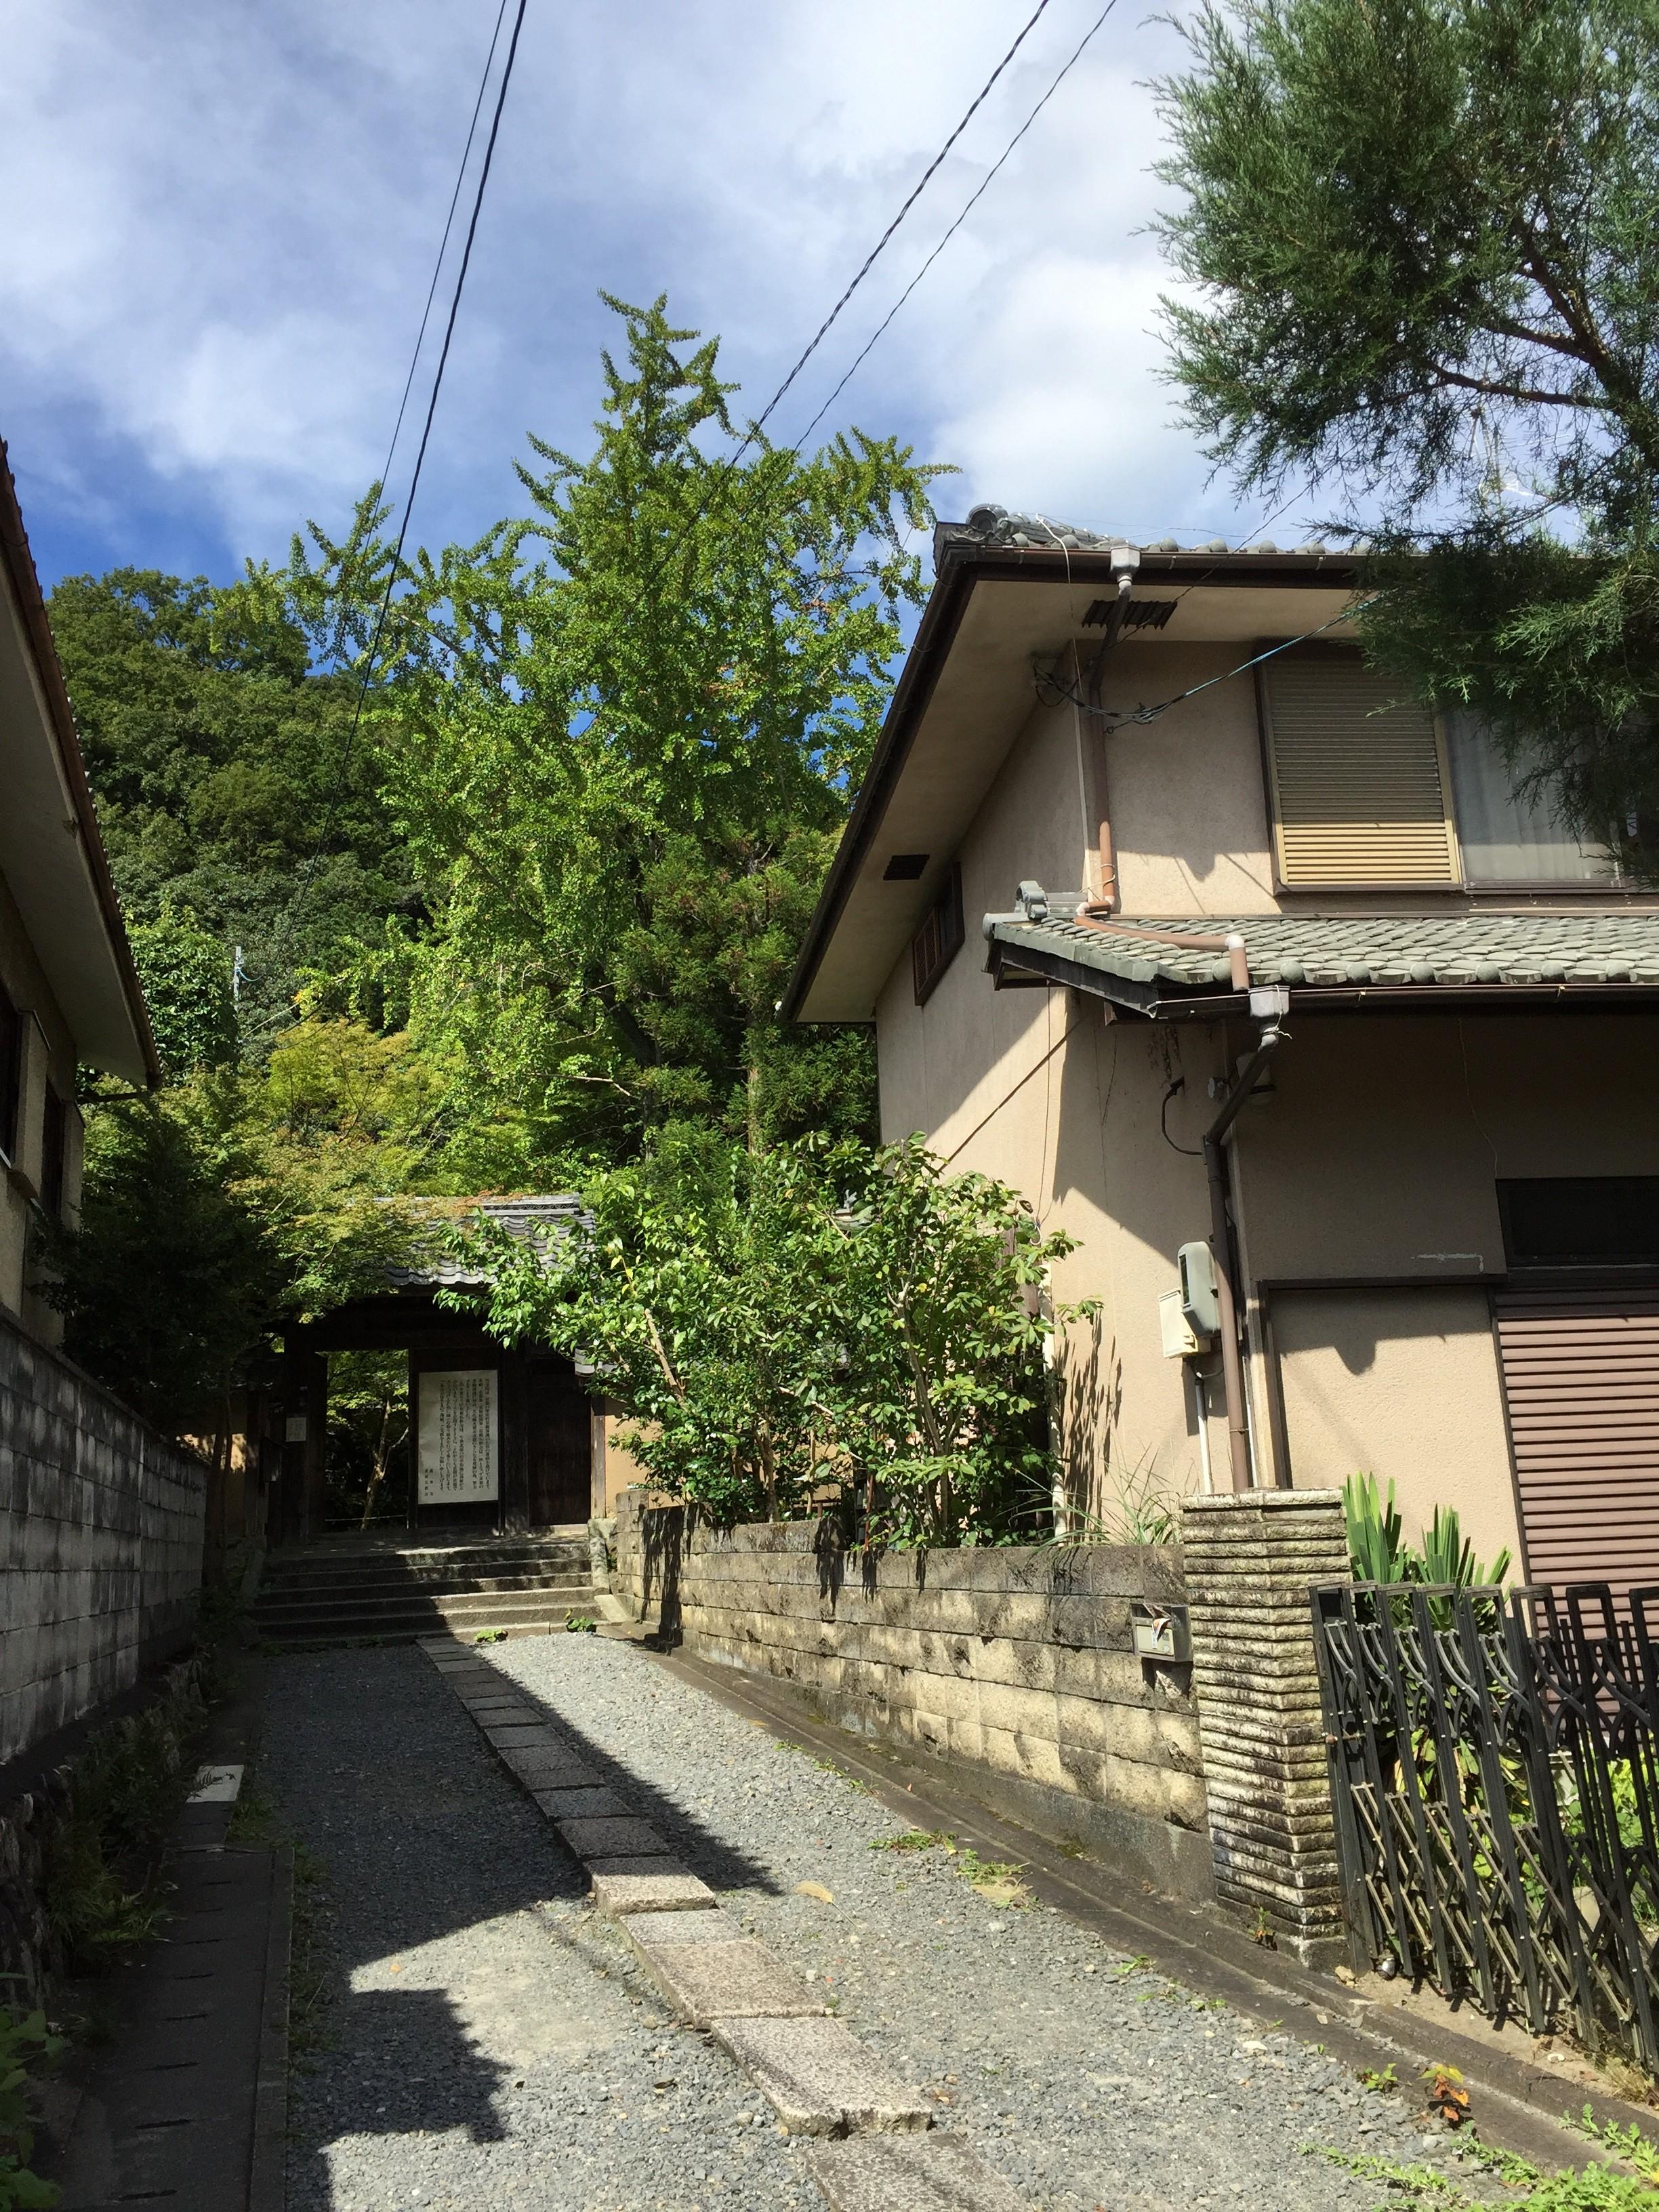 曲がったとこ玄関までの道がいい感じIMG_0229